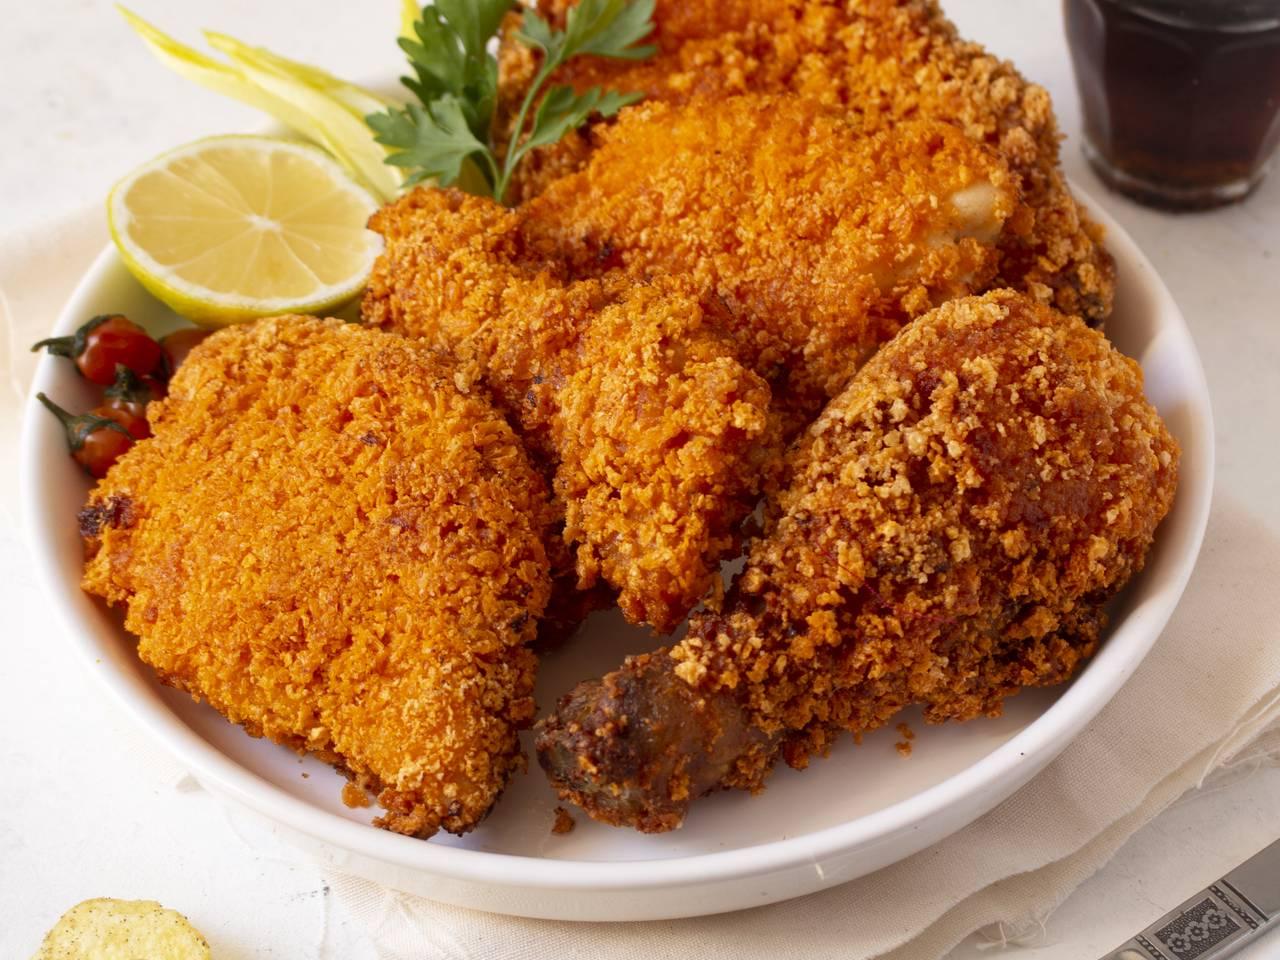 Best Homemade Fried chicken